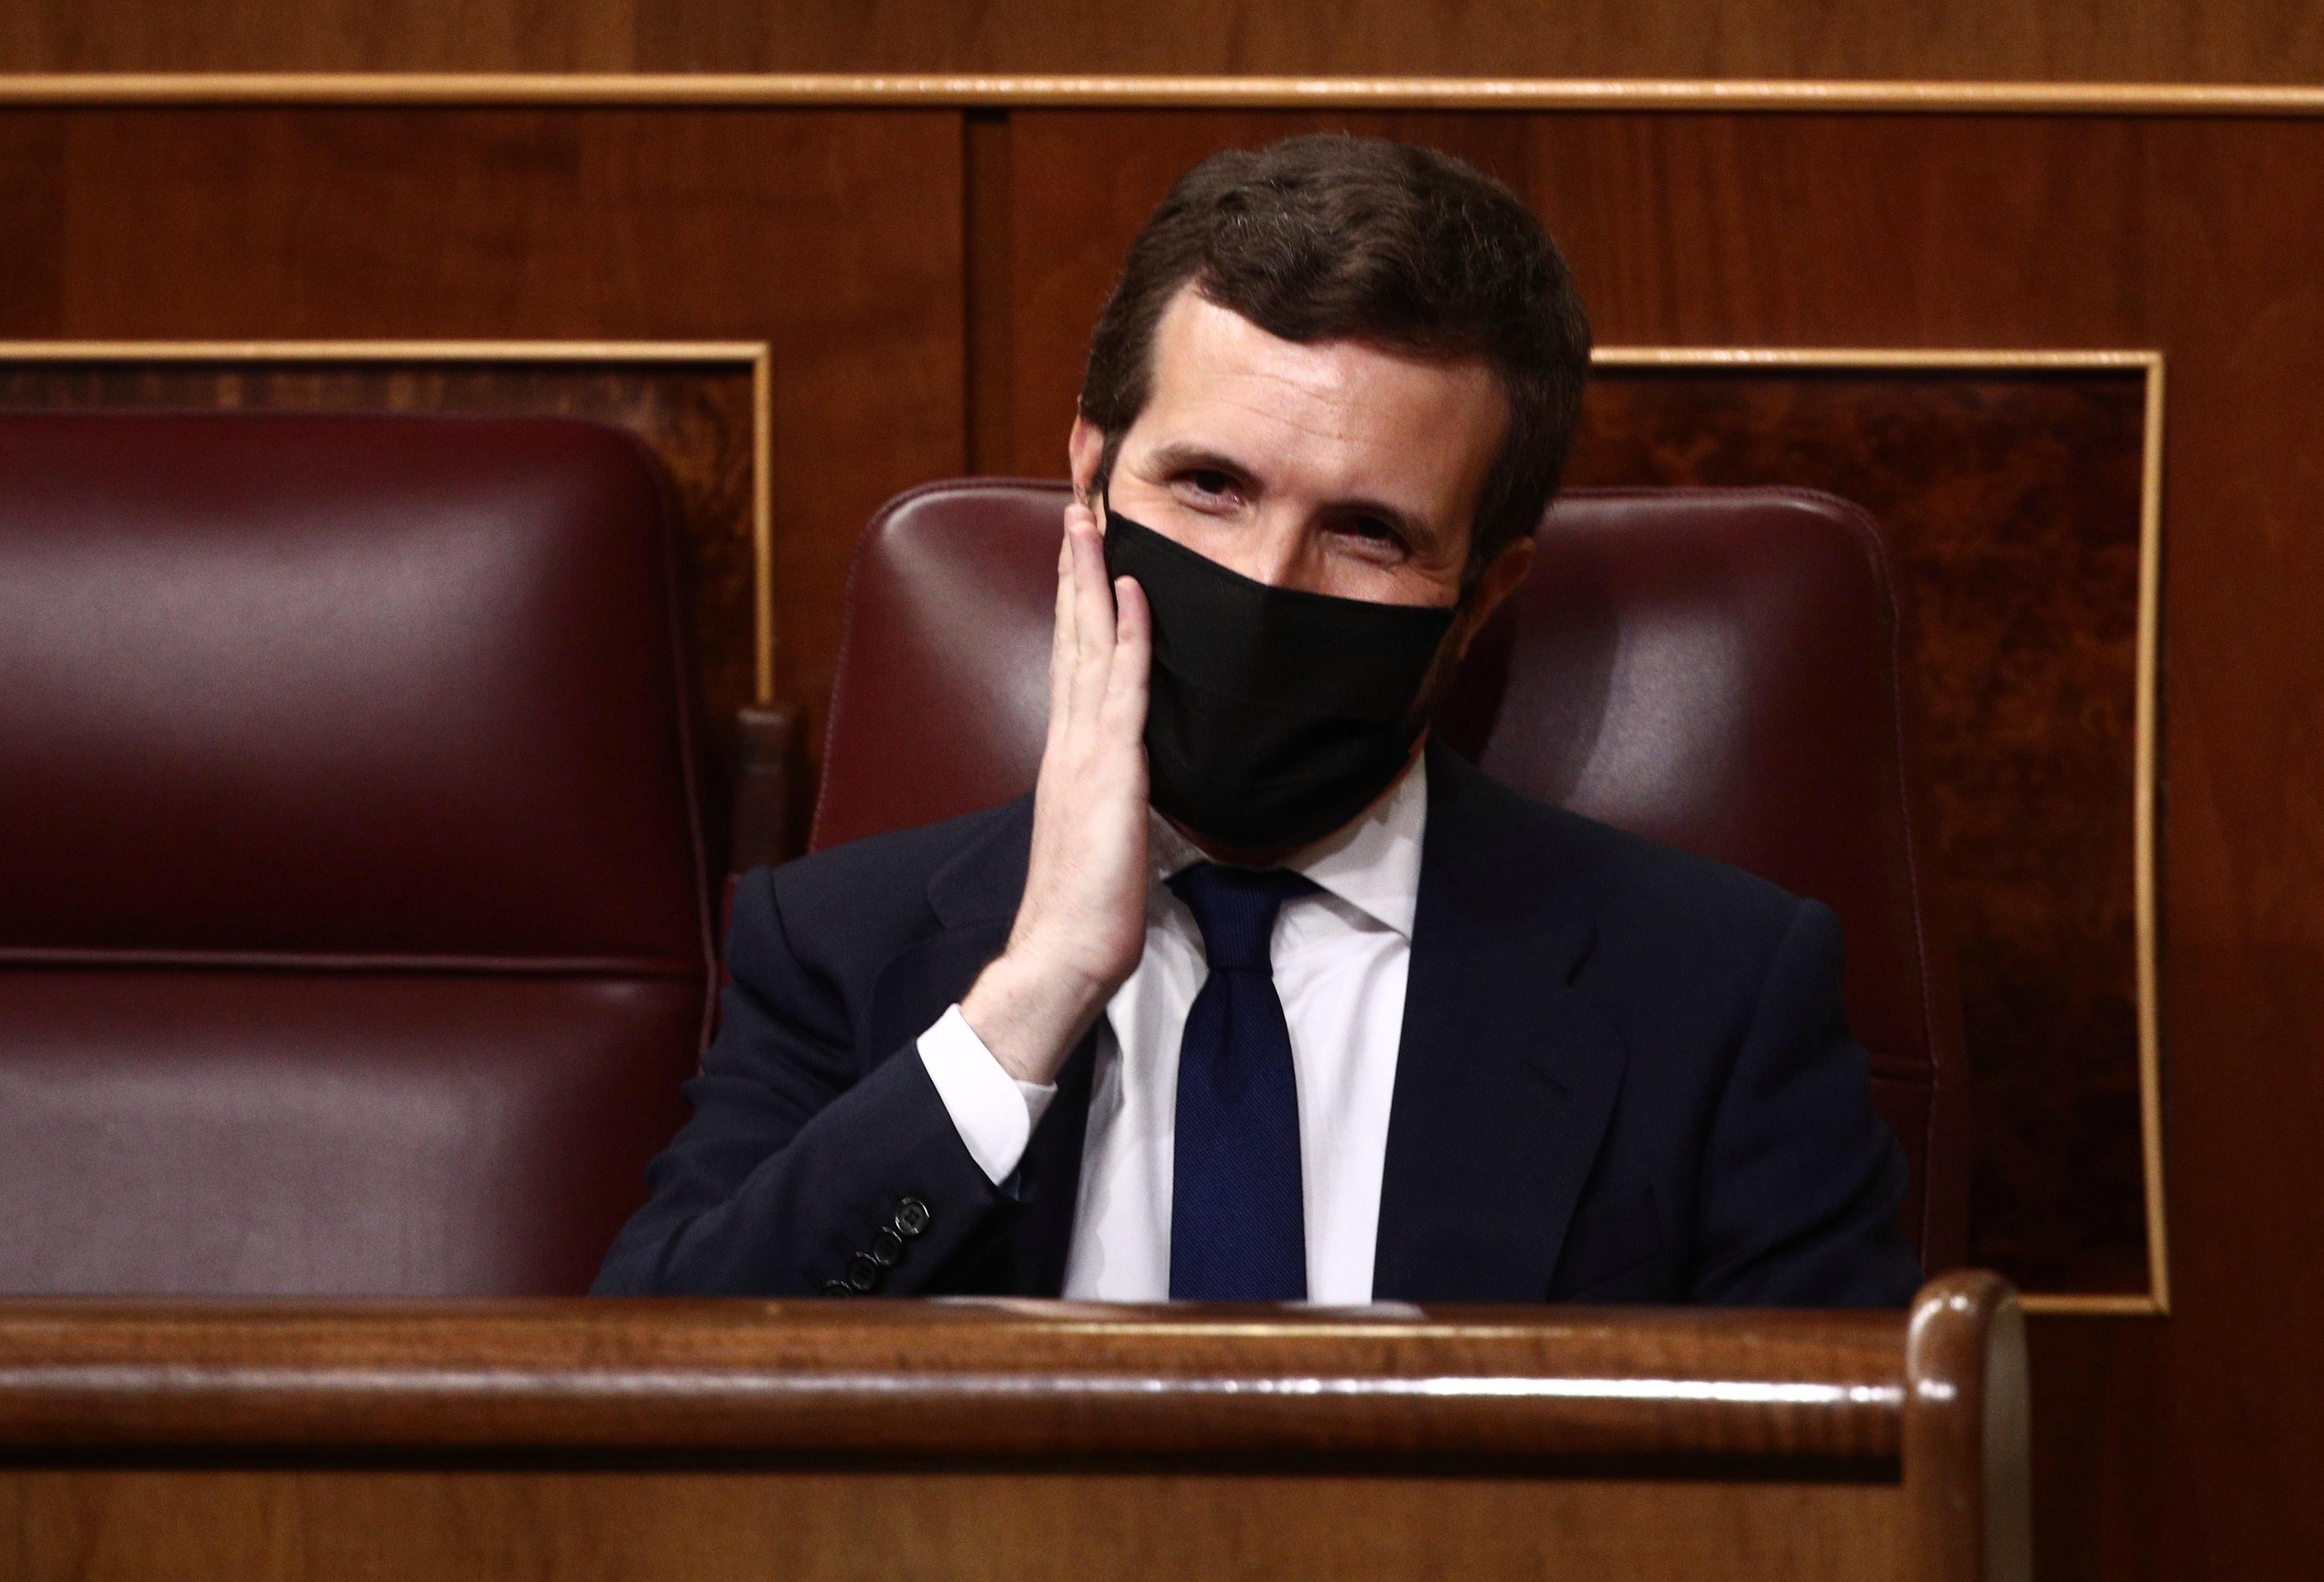 El líder del PP, Pablo Casado, hace un gesto en su cara durante la primera sesión de control al Gobierno de 2021